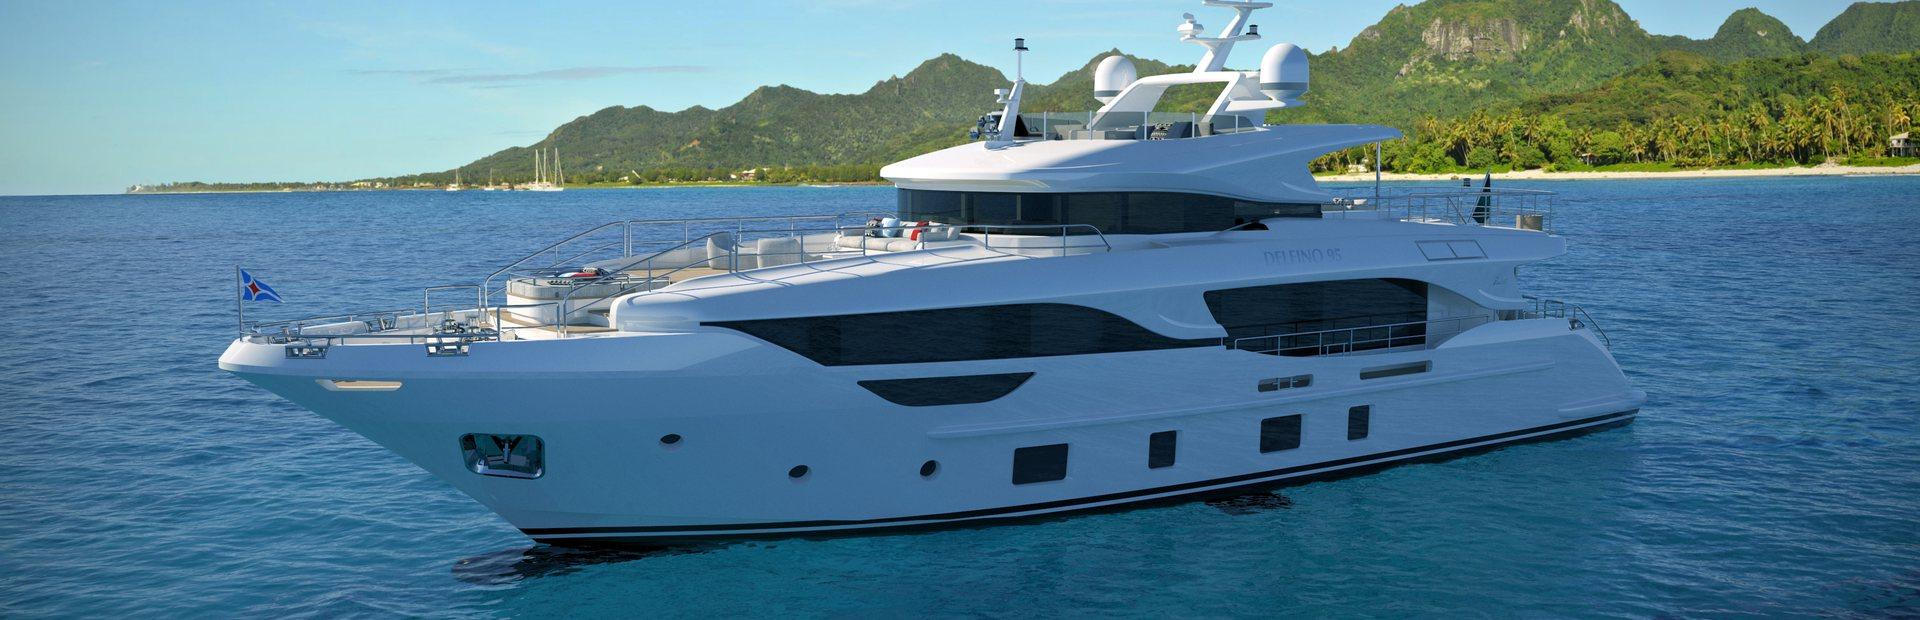 Benetti Delfino 95 Yacht Charter